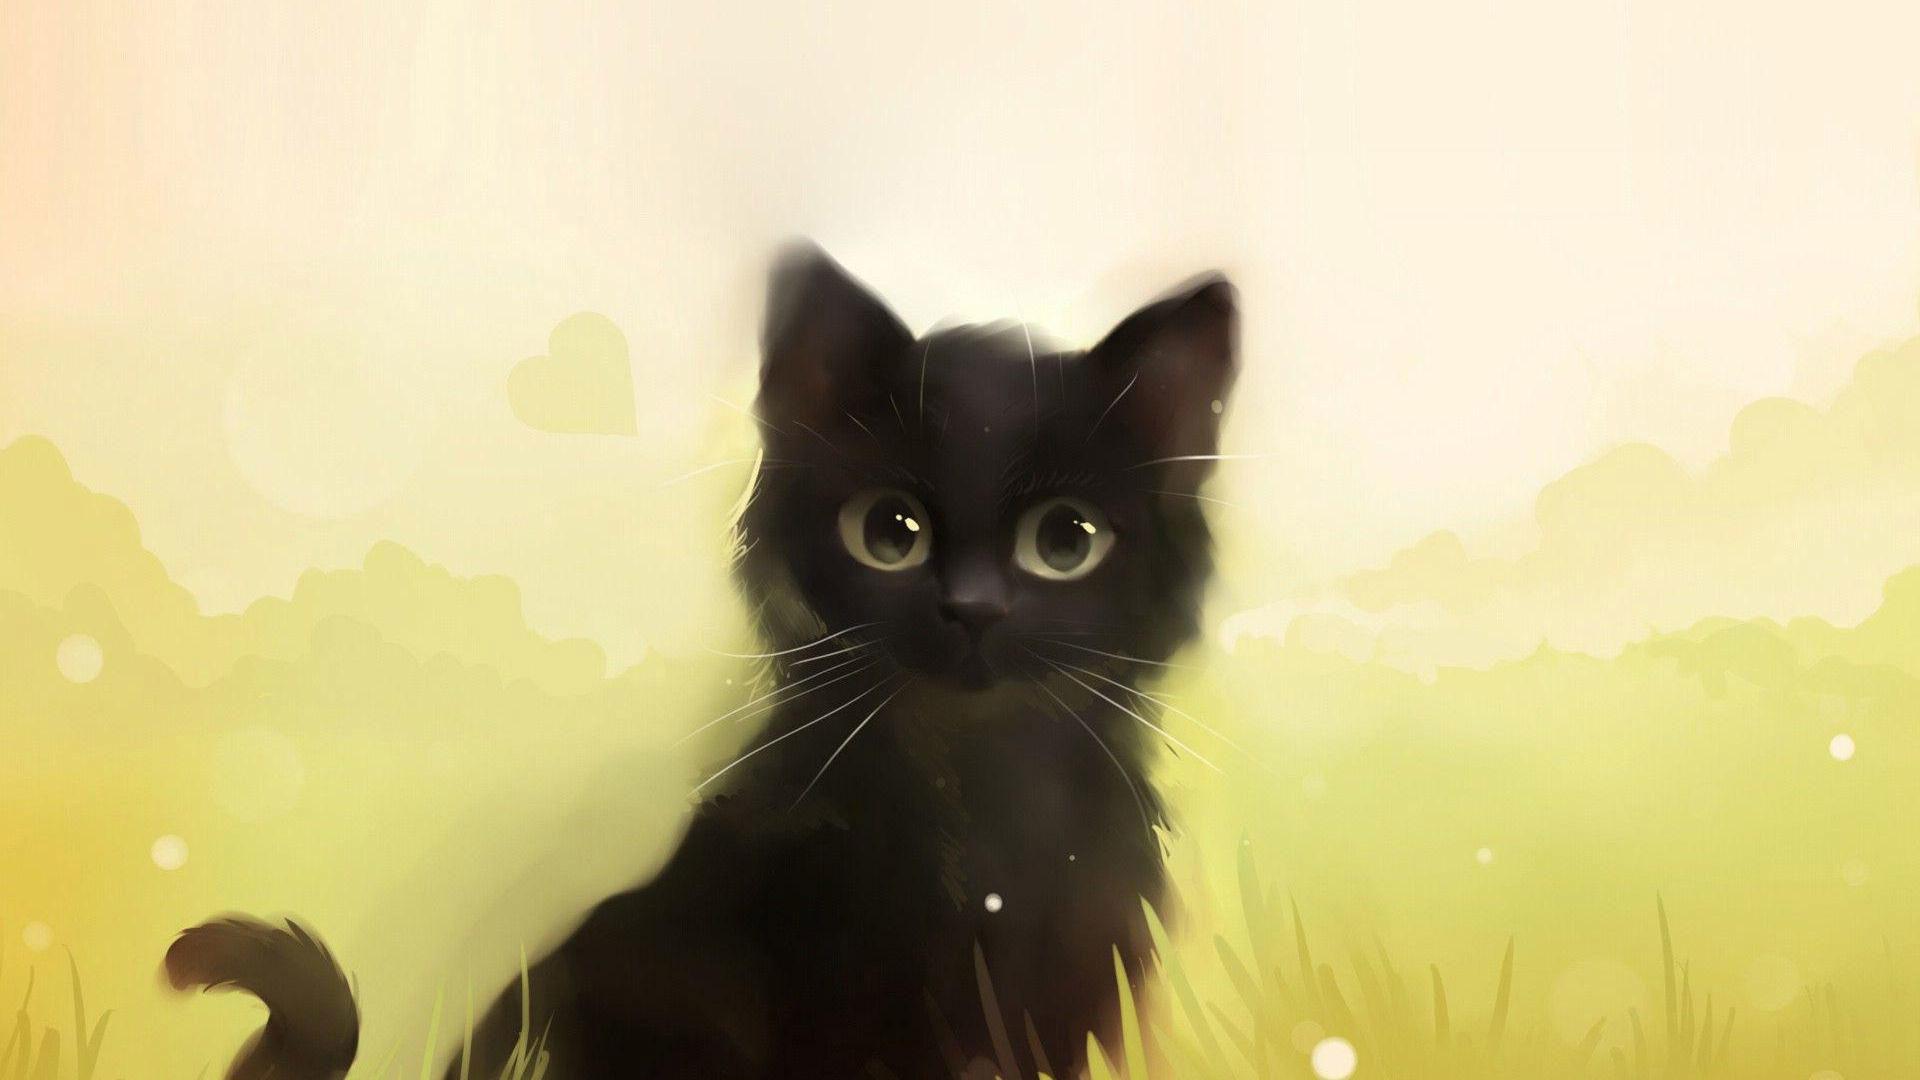 Cute cartoon cat wallpaper 71 images - Cute kitten backgrounds for desktop ...